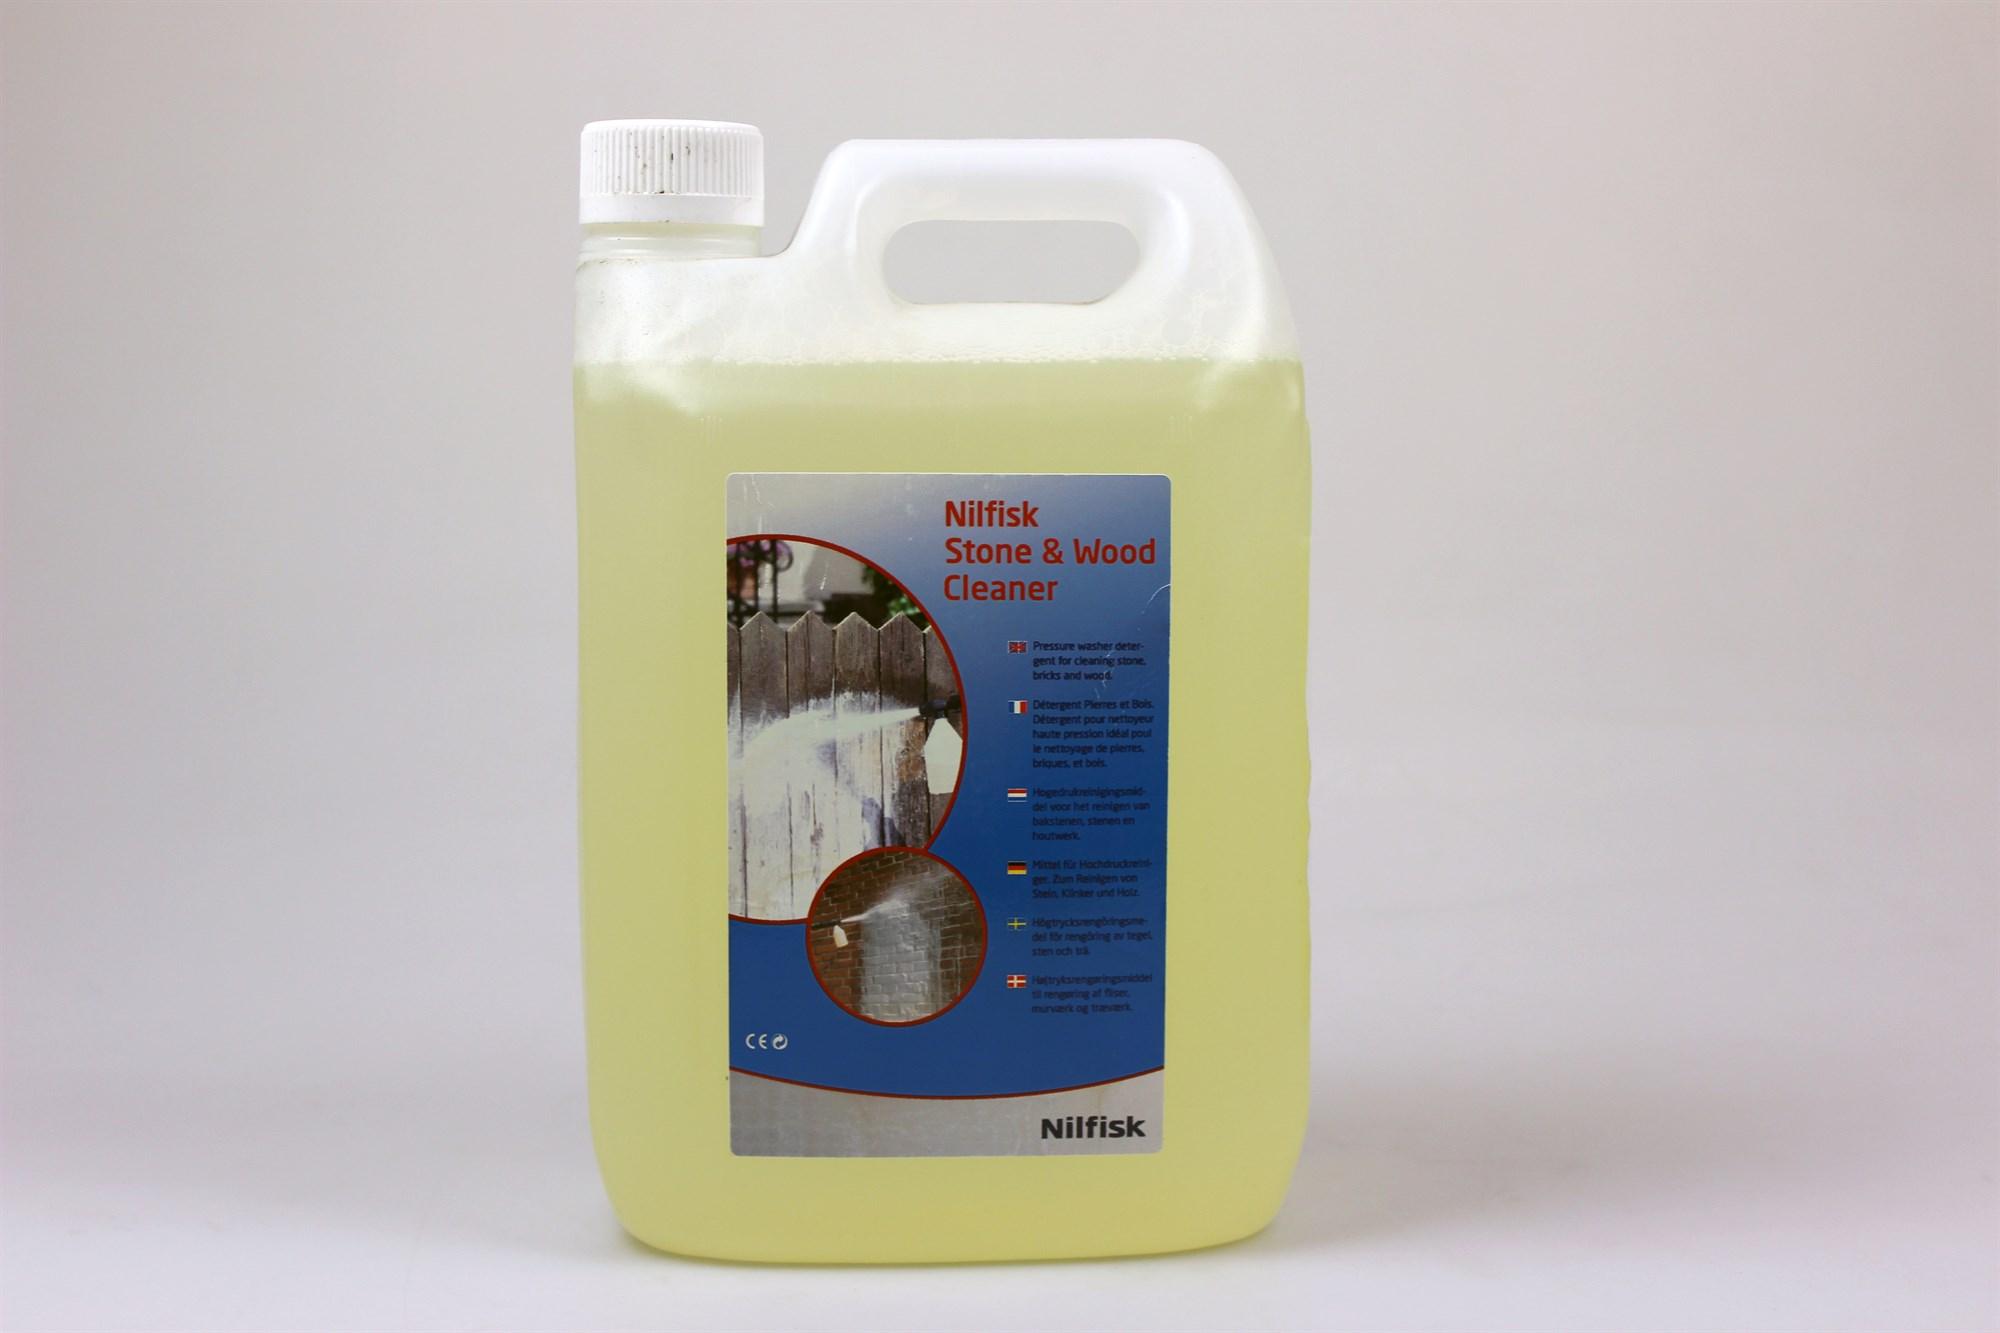 detergent pour terrasse nilfisk alto nettoyeur haute pression. Black Bedroom Furniture Sets. Home Design Ideas